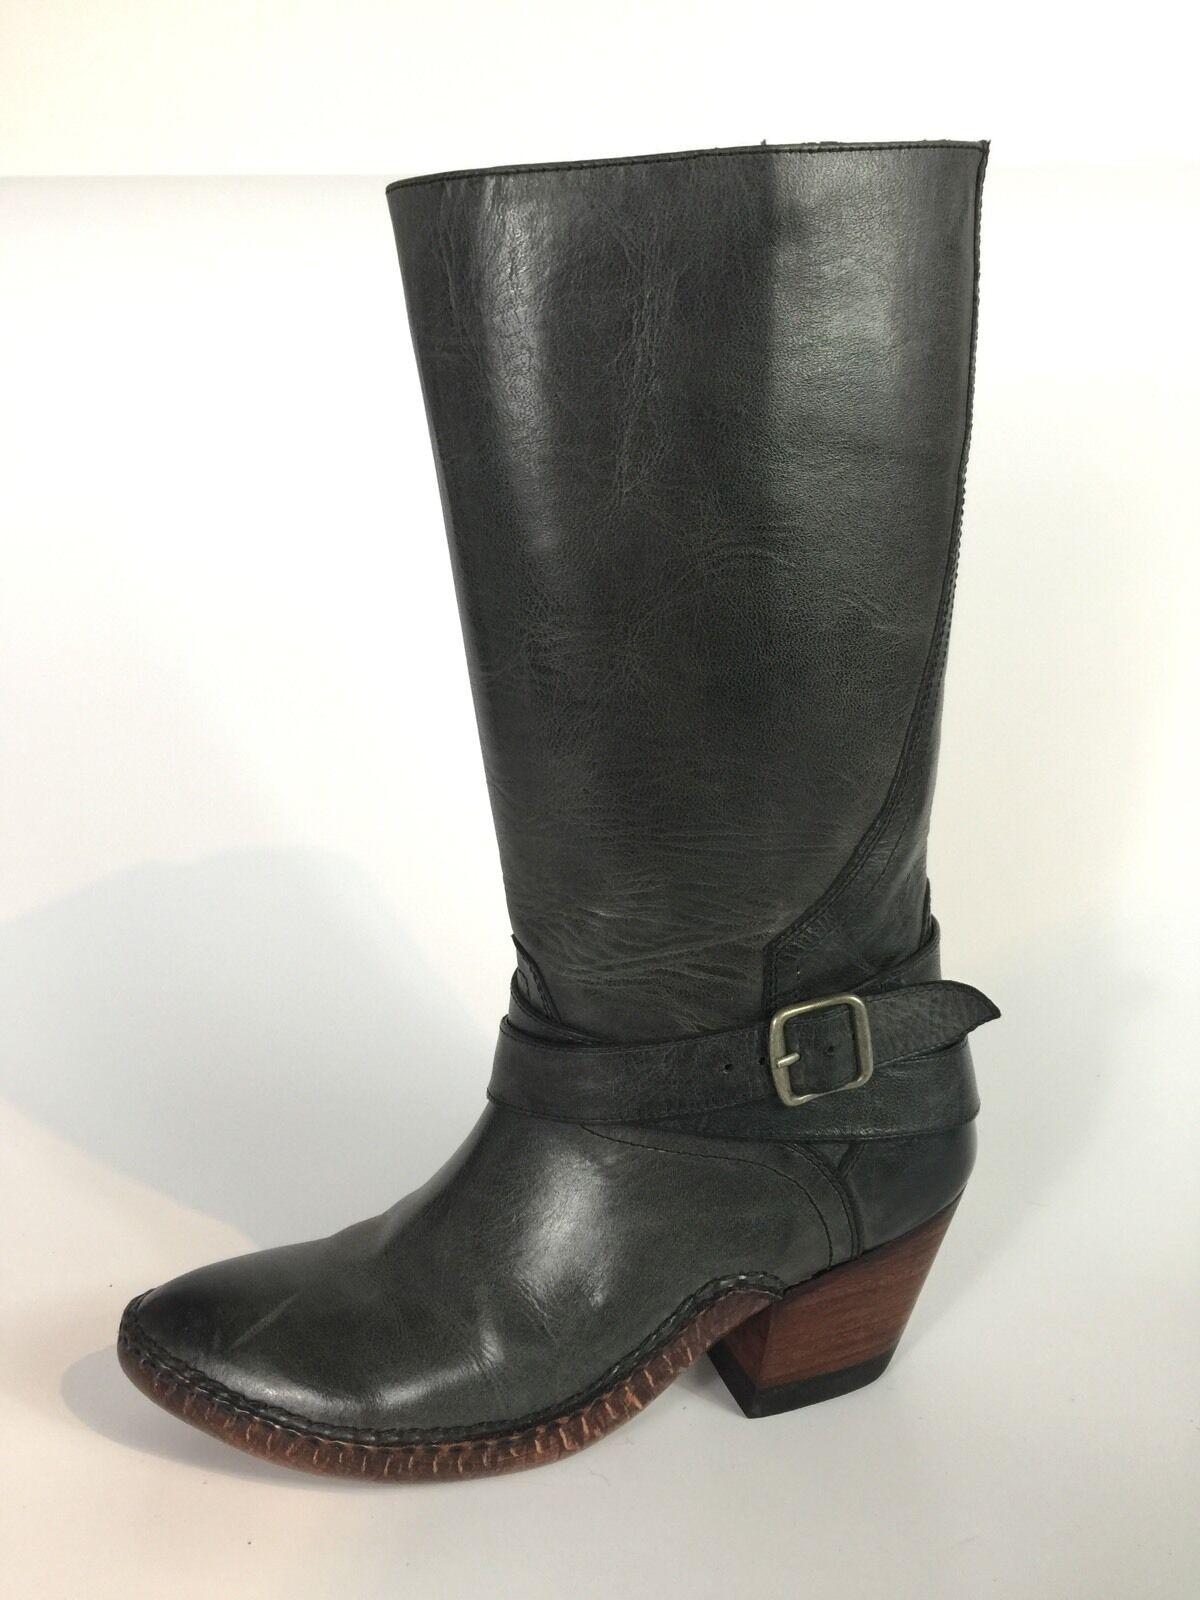 Ariat botas Mujer gris Cuero botas Ariat De Vaquero Tamaño 7 B 5fade5